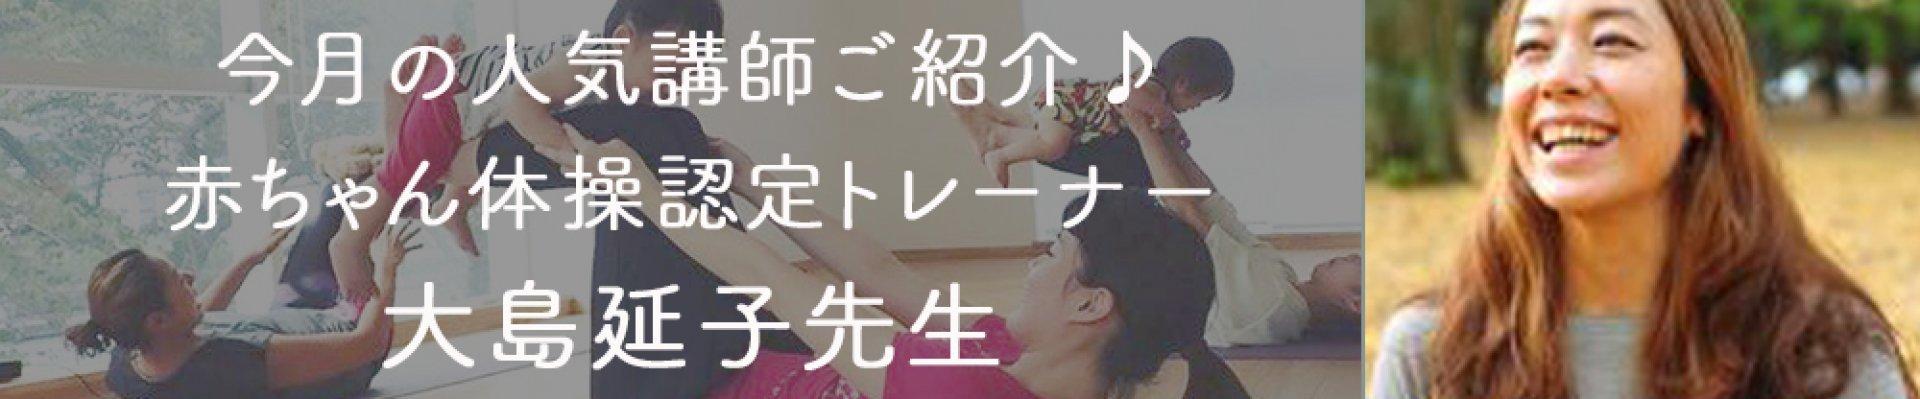 cropped-_大島延子先生.jpg